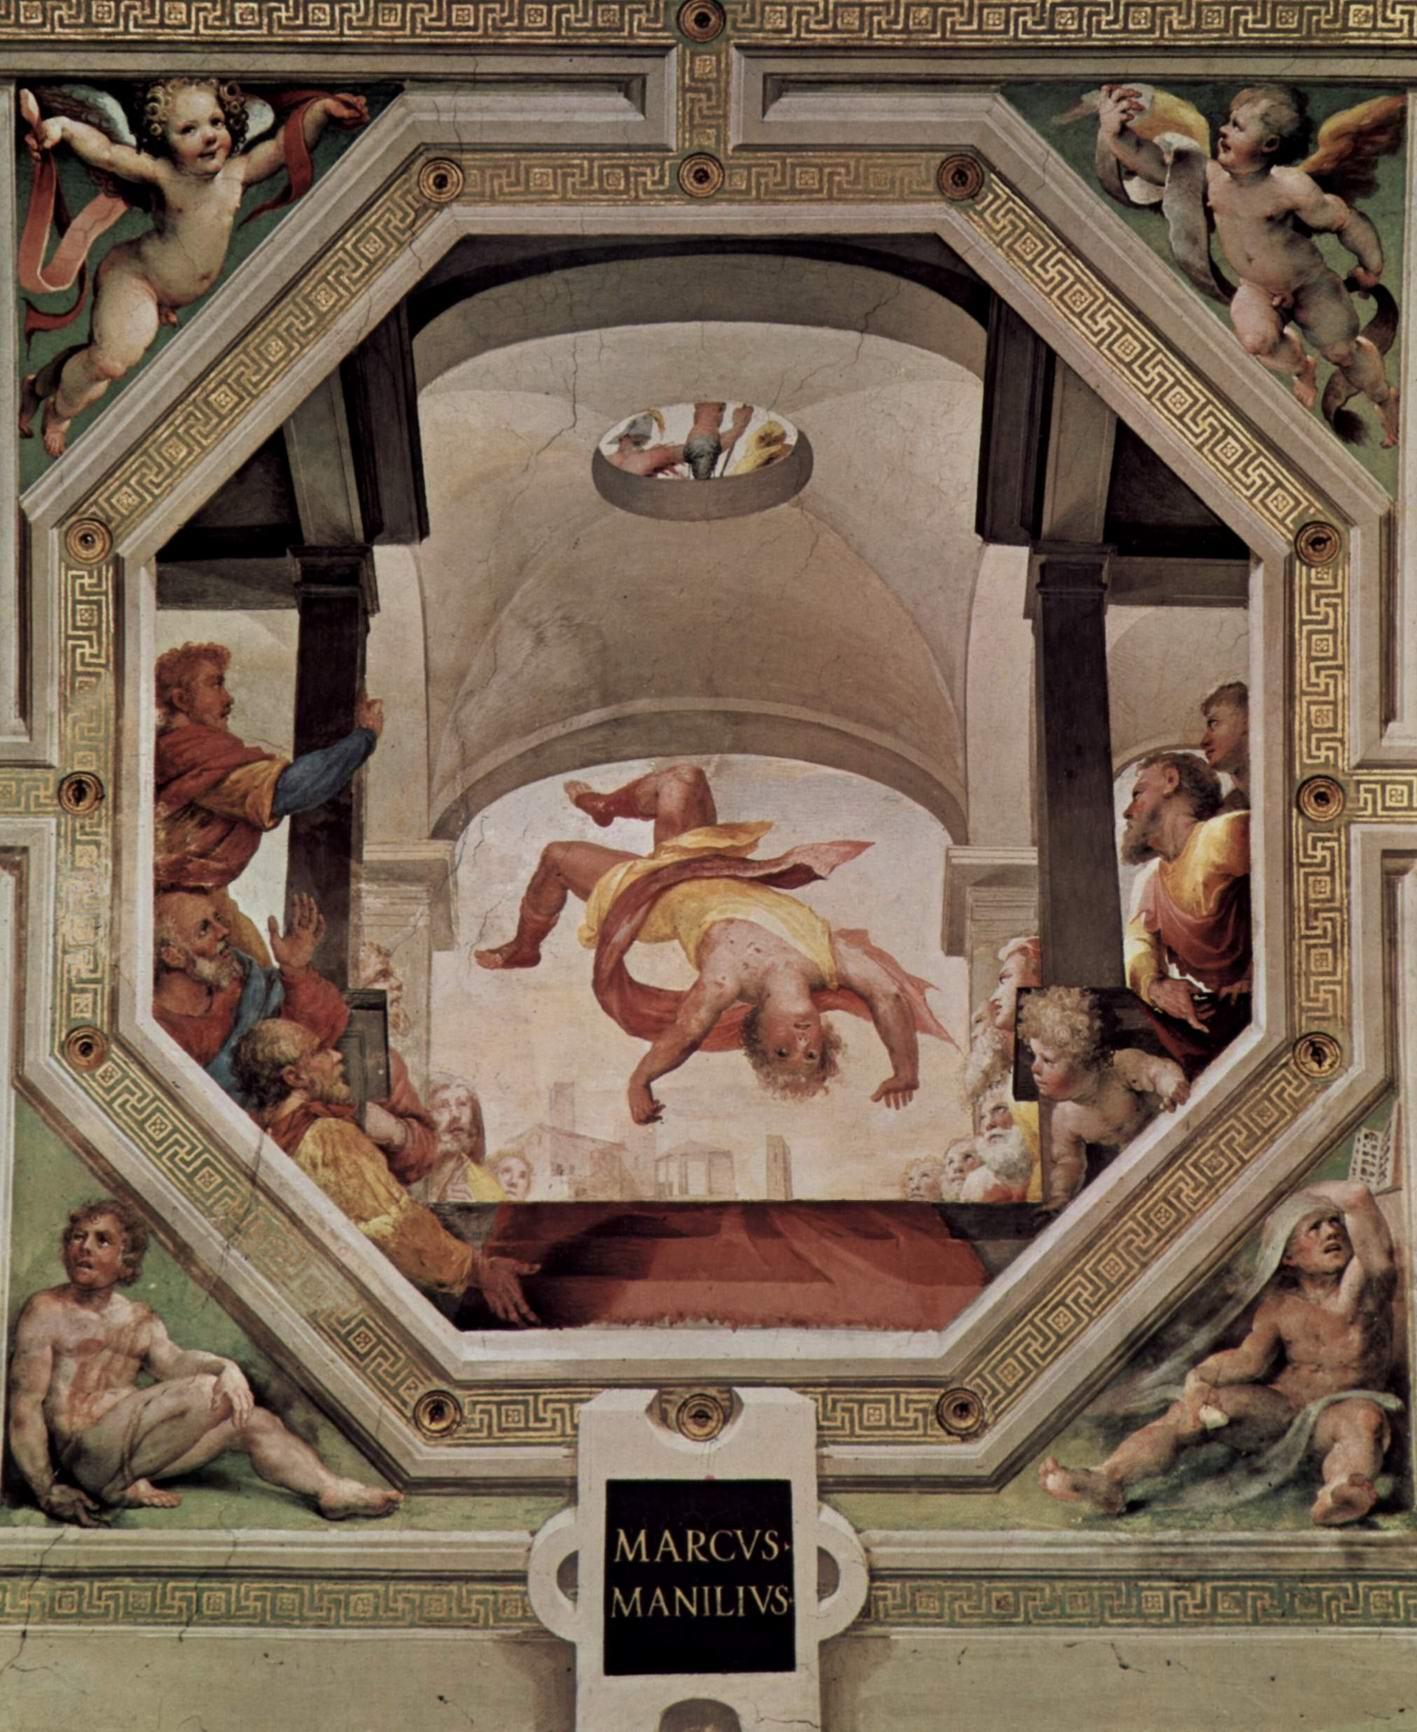 Аллегорический цикл фресок (Политические добродетели) из Палаццо Пубблико в Сиене. Падение Марка Манилия, Беккафуми Доменико